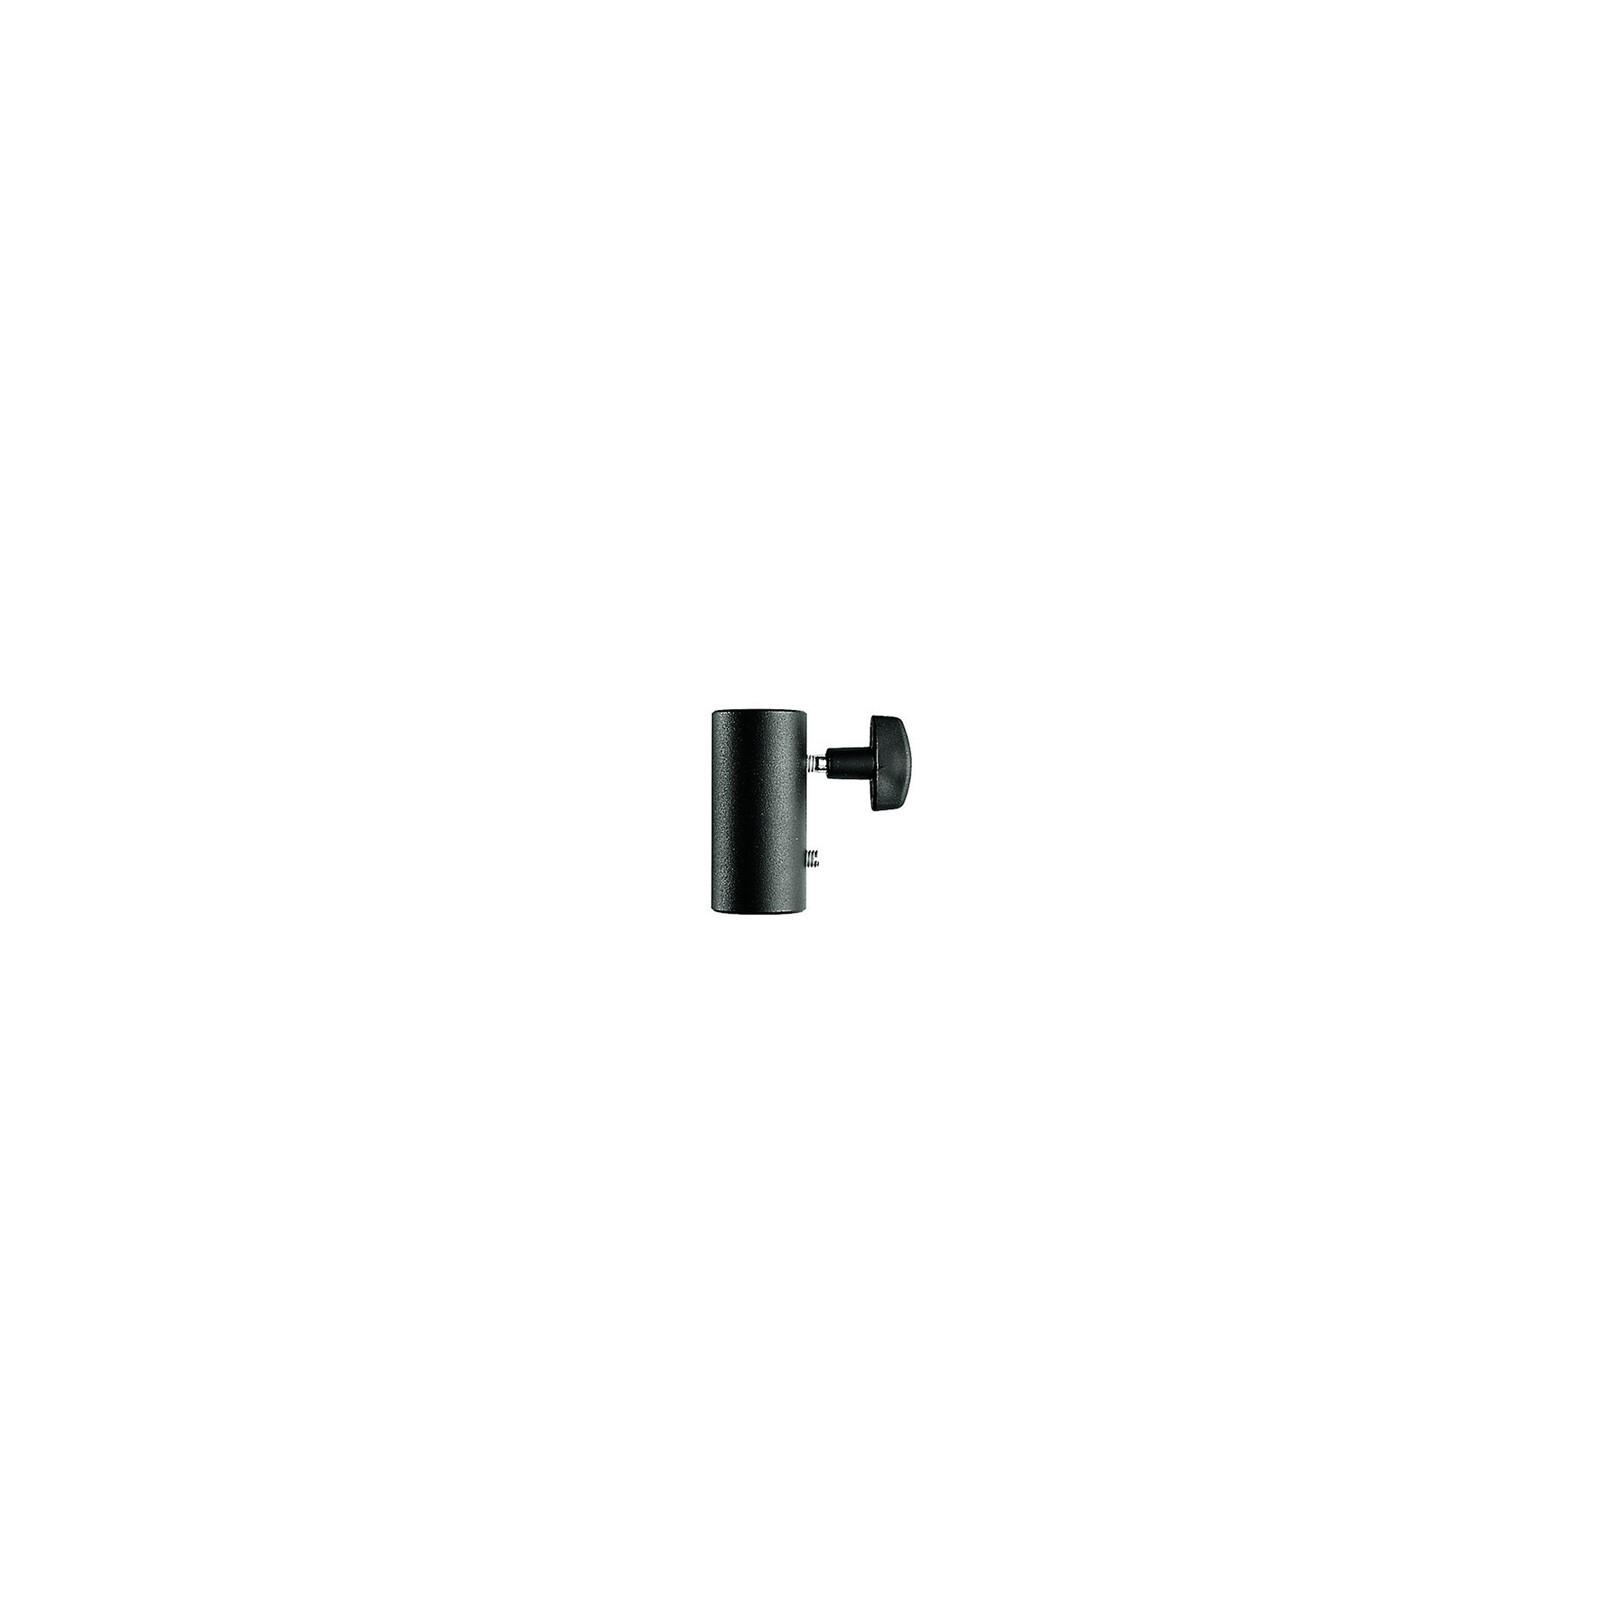 Manfrotto 158 Adapterhülse 16mm Madenschraube